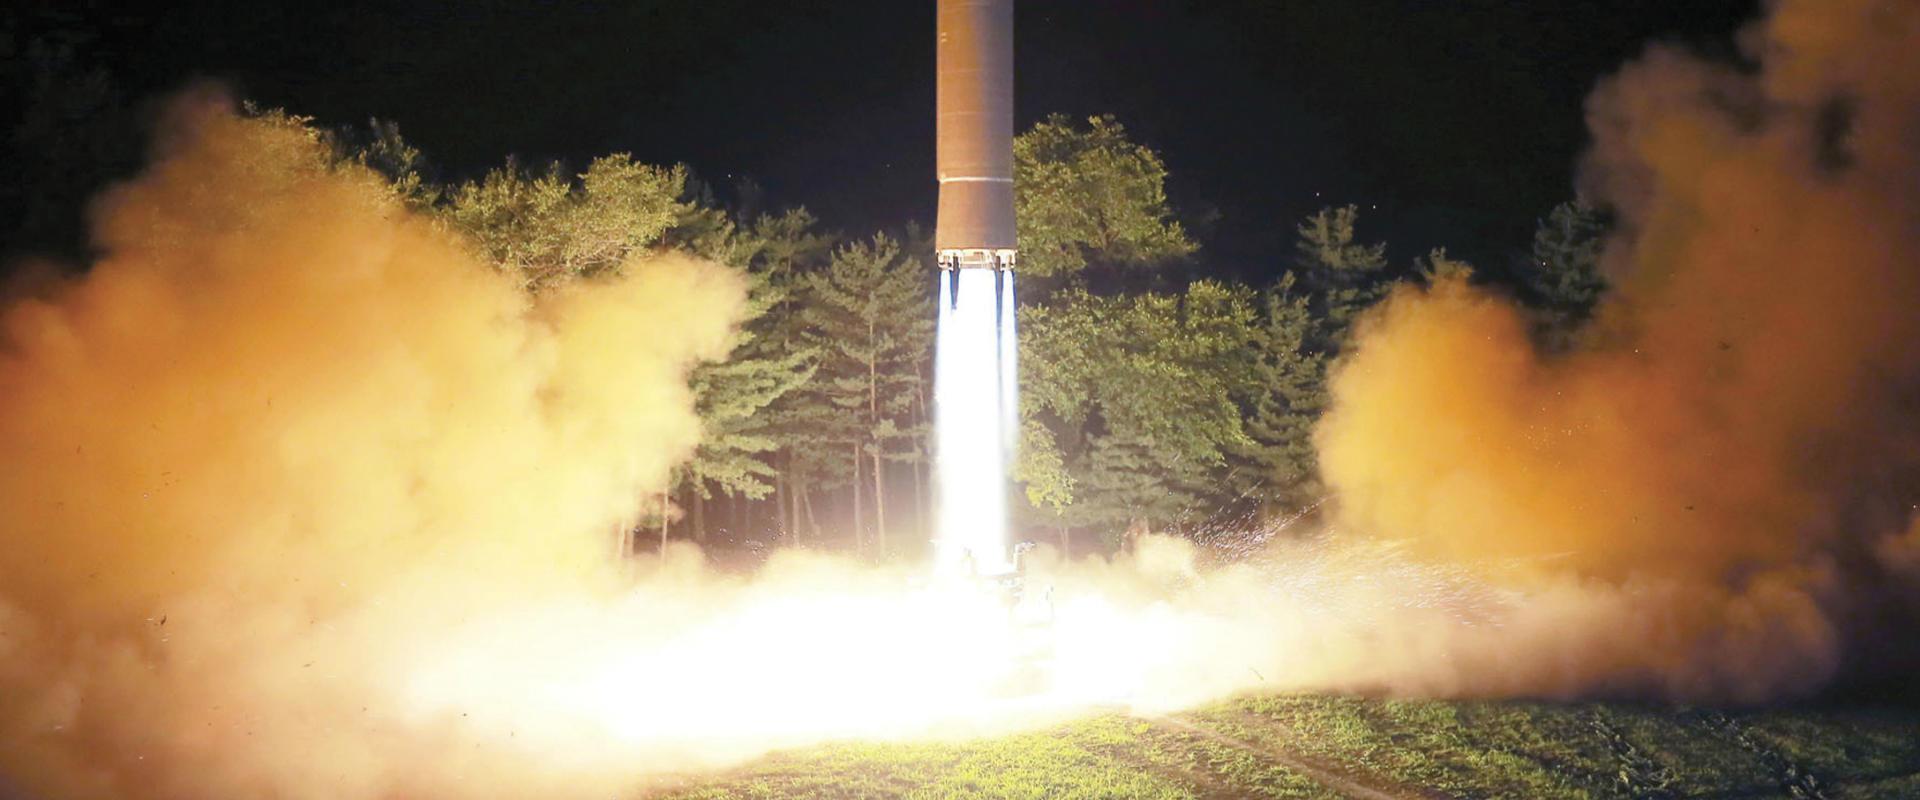 ניסוי שיגור הטיל האחרון קוריאה הצפונית, שבוע שעבר